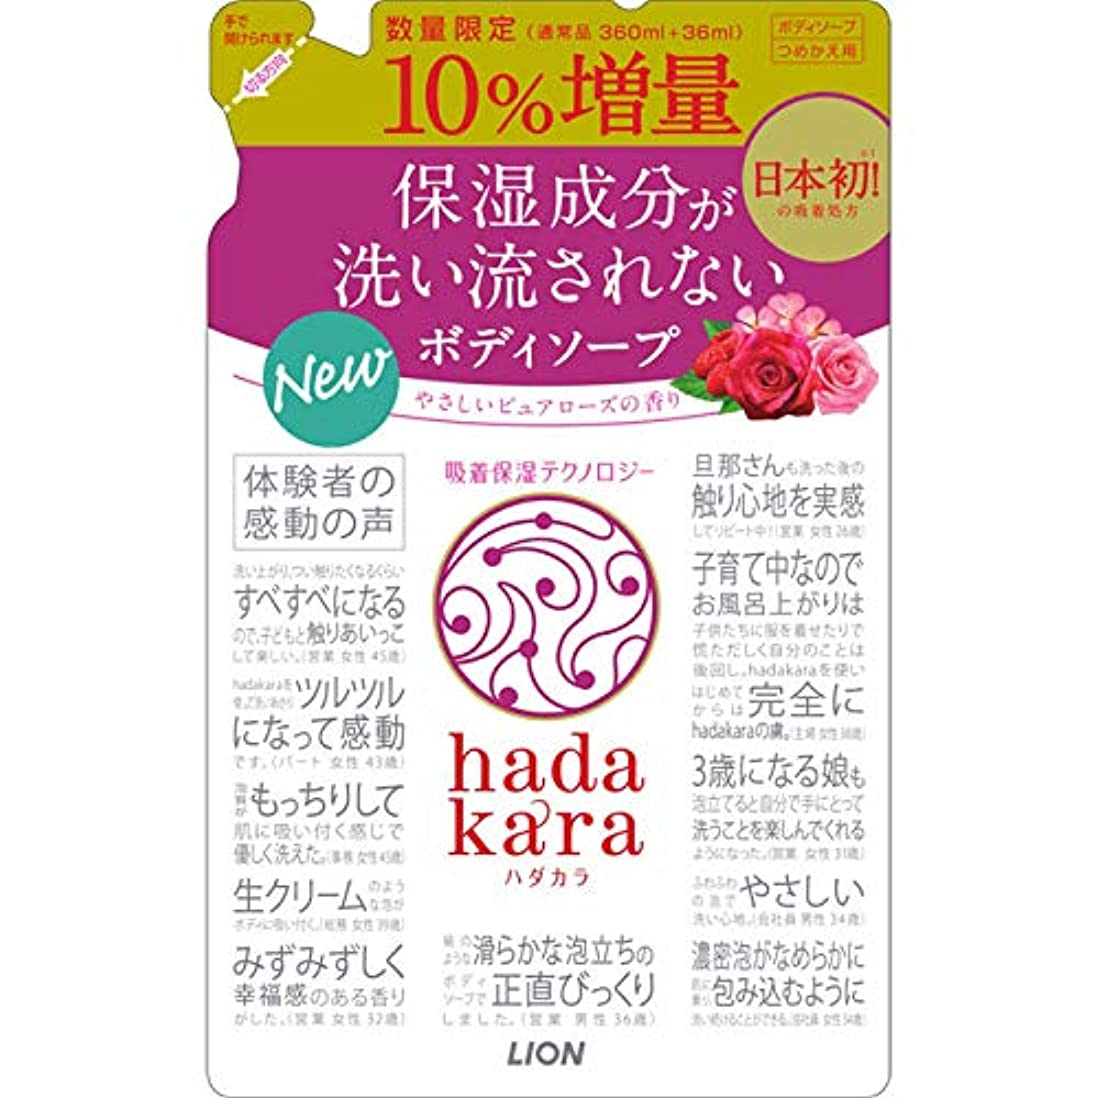 アセ甘美な負ライオン hadakara ボディソープローズ詰替増量 396ml